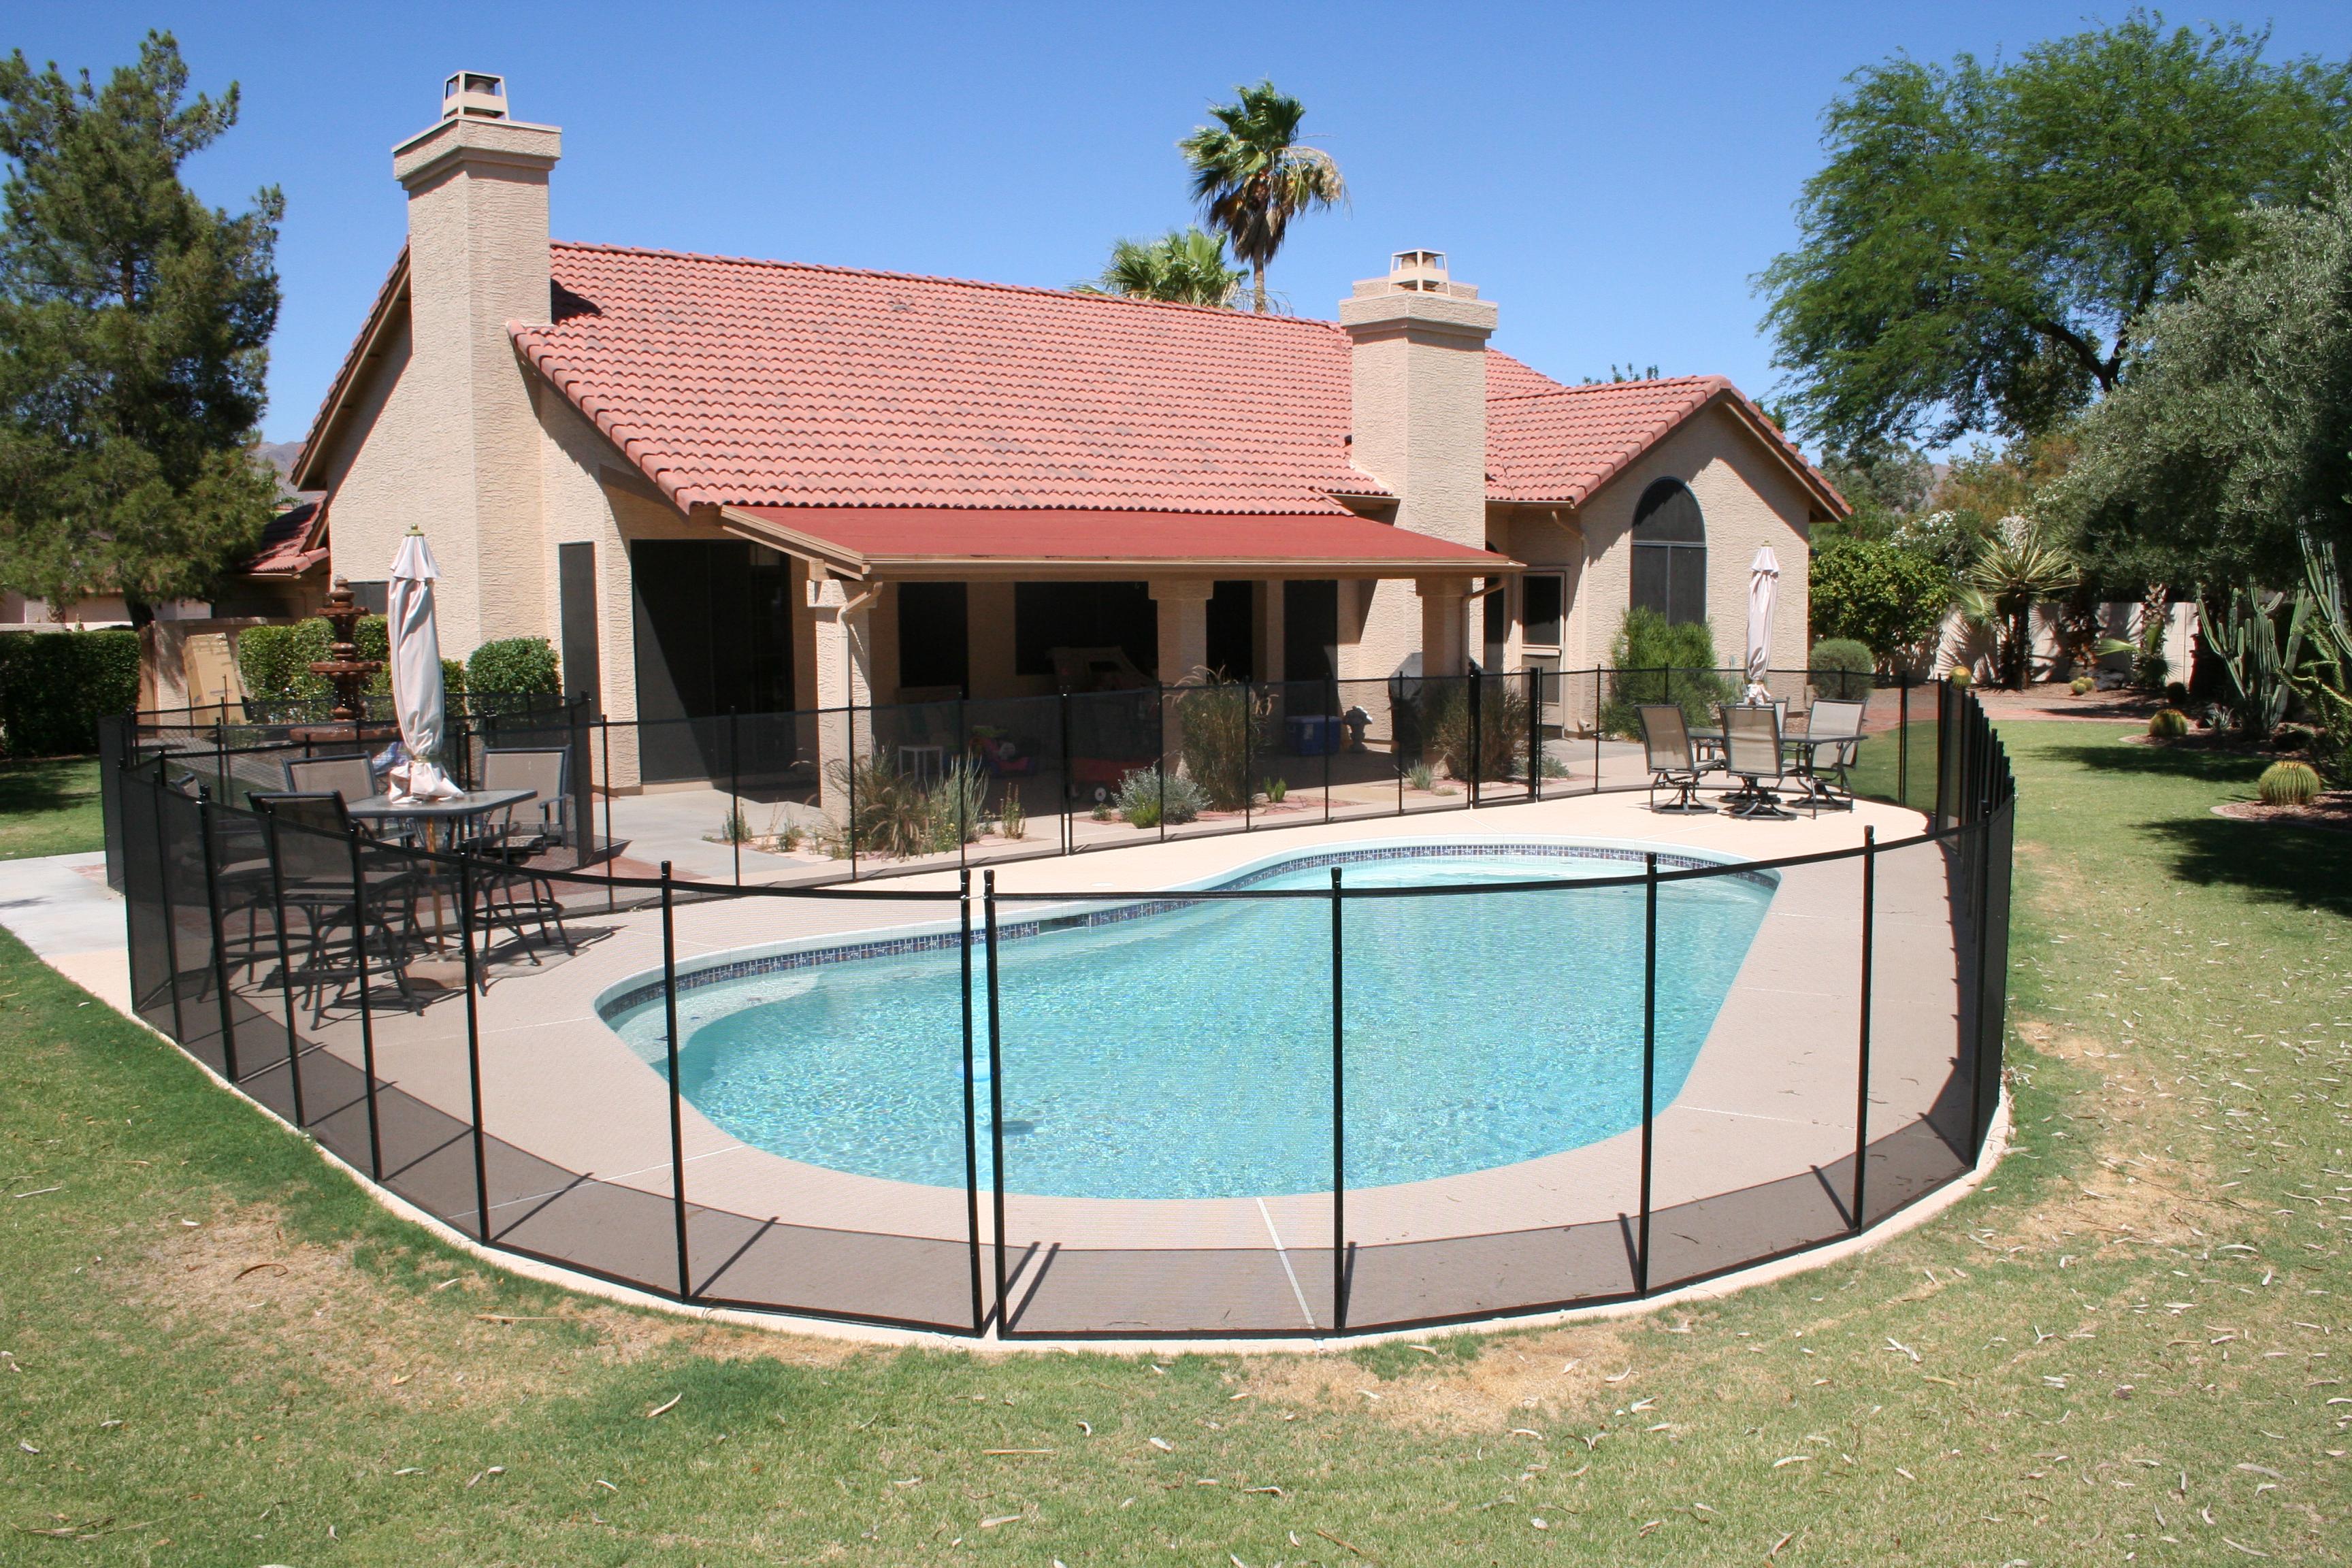 Pool safety fence barrier manufacturer